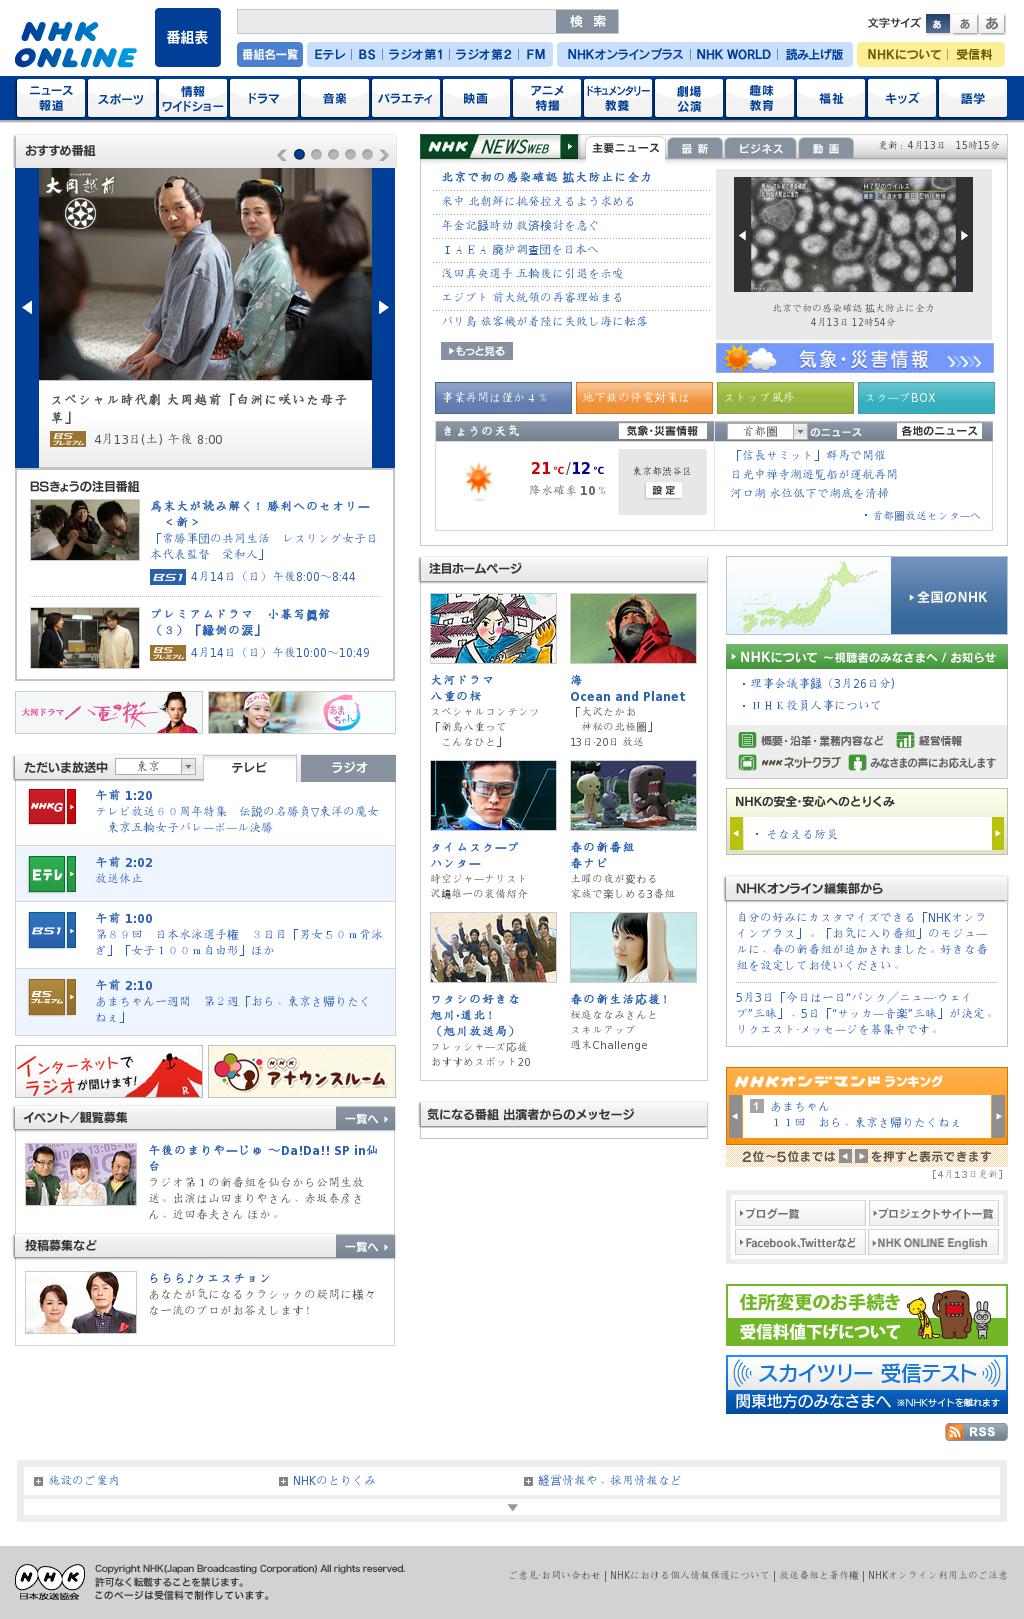 NHK Online at Saturday April 13, 2013, 5:18 p.m. UTC